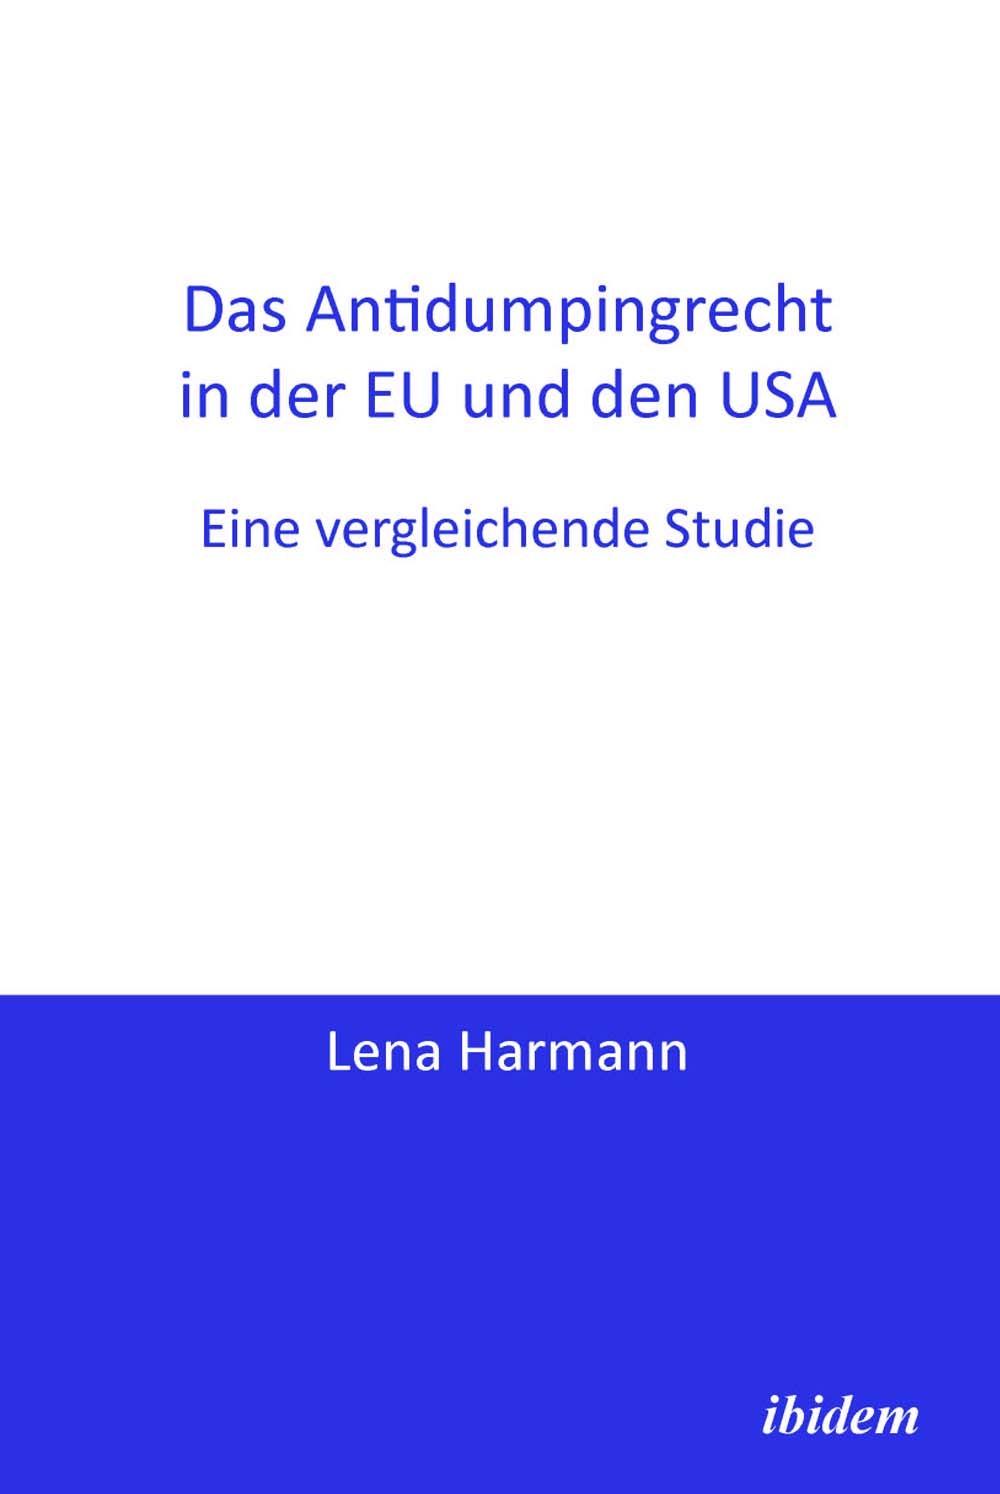 Das Antidumpingrecht in der EU und den USA